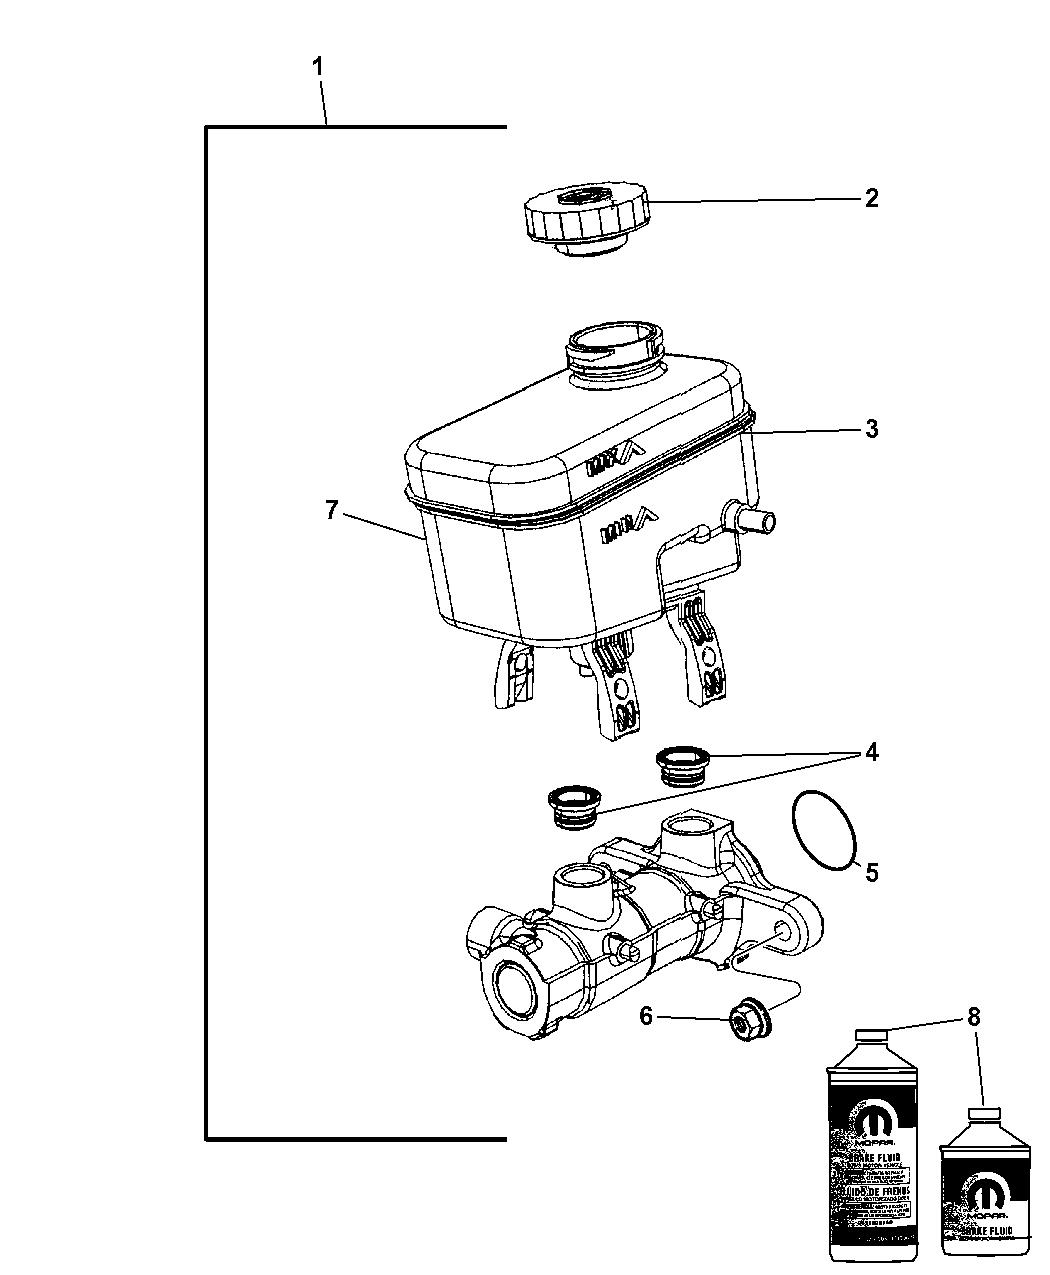 Jeep Wrangler Brake Master Cylinder